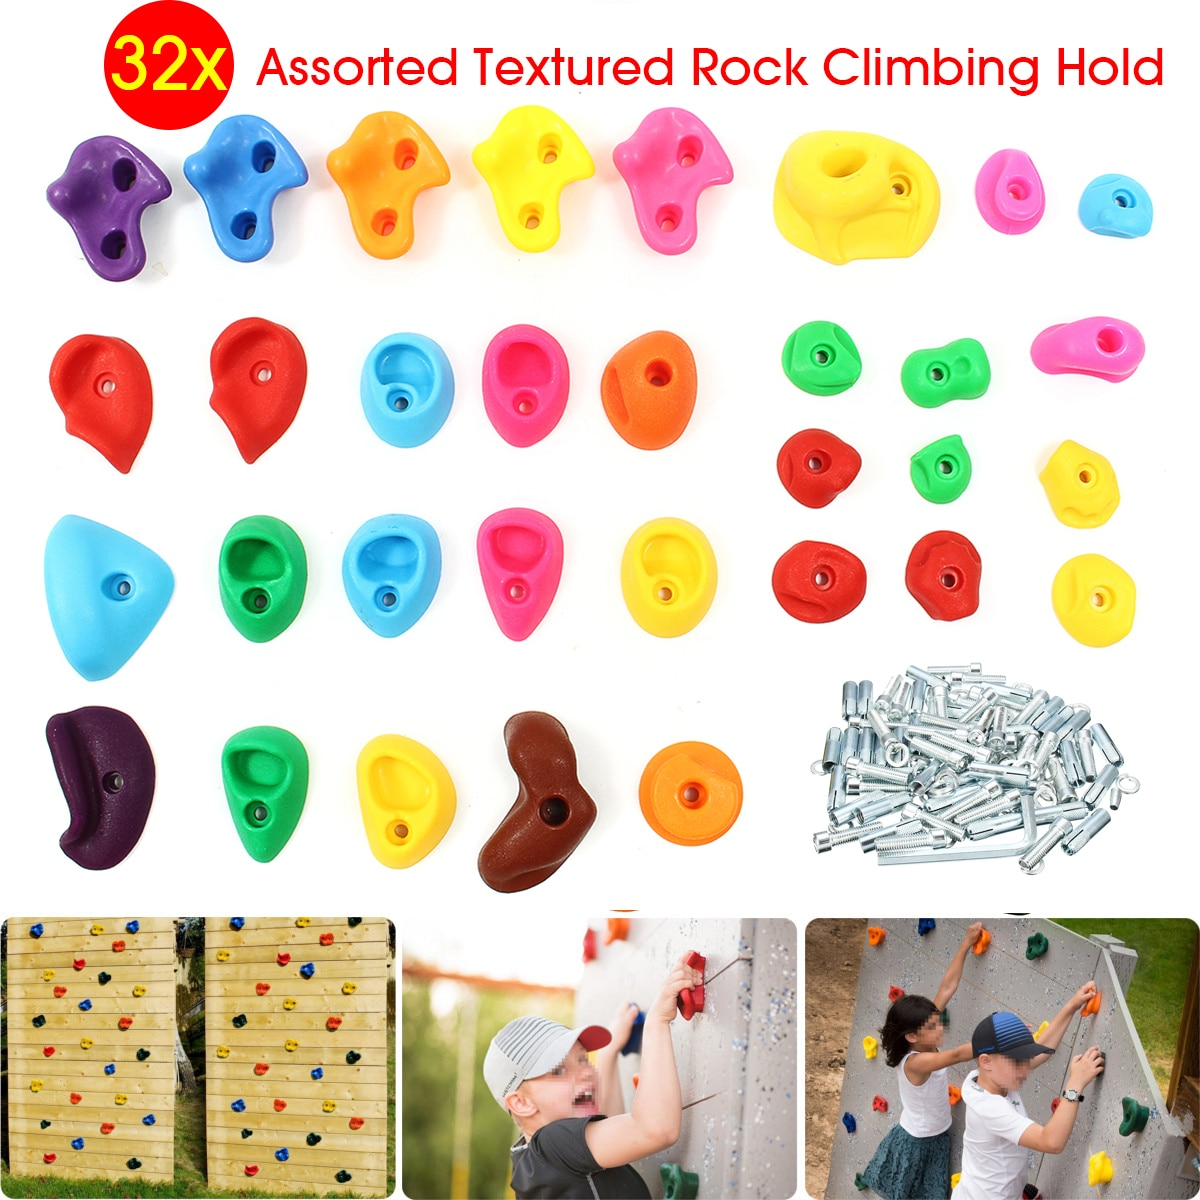 Set de 32 unidades de armazón surtido de escalada en roca, colores variados, piedras de la pared para escalada, sujeción de pies en la mano, juguetes deportivos para niños